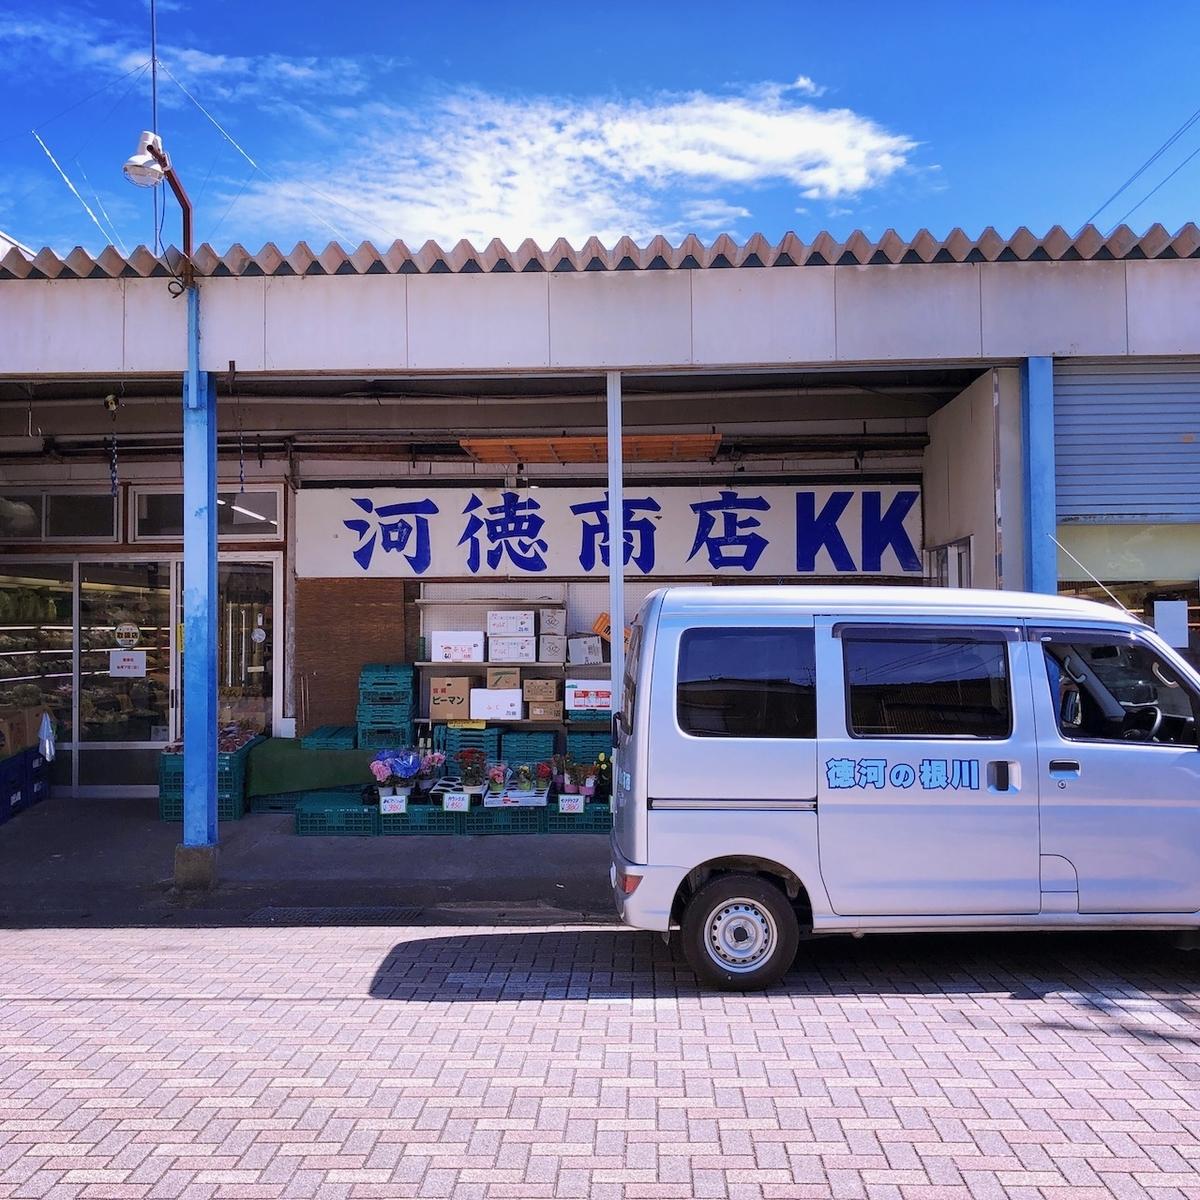 f:id:mick_kamihara:20200527142129j:plain